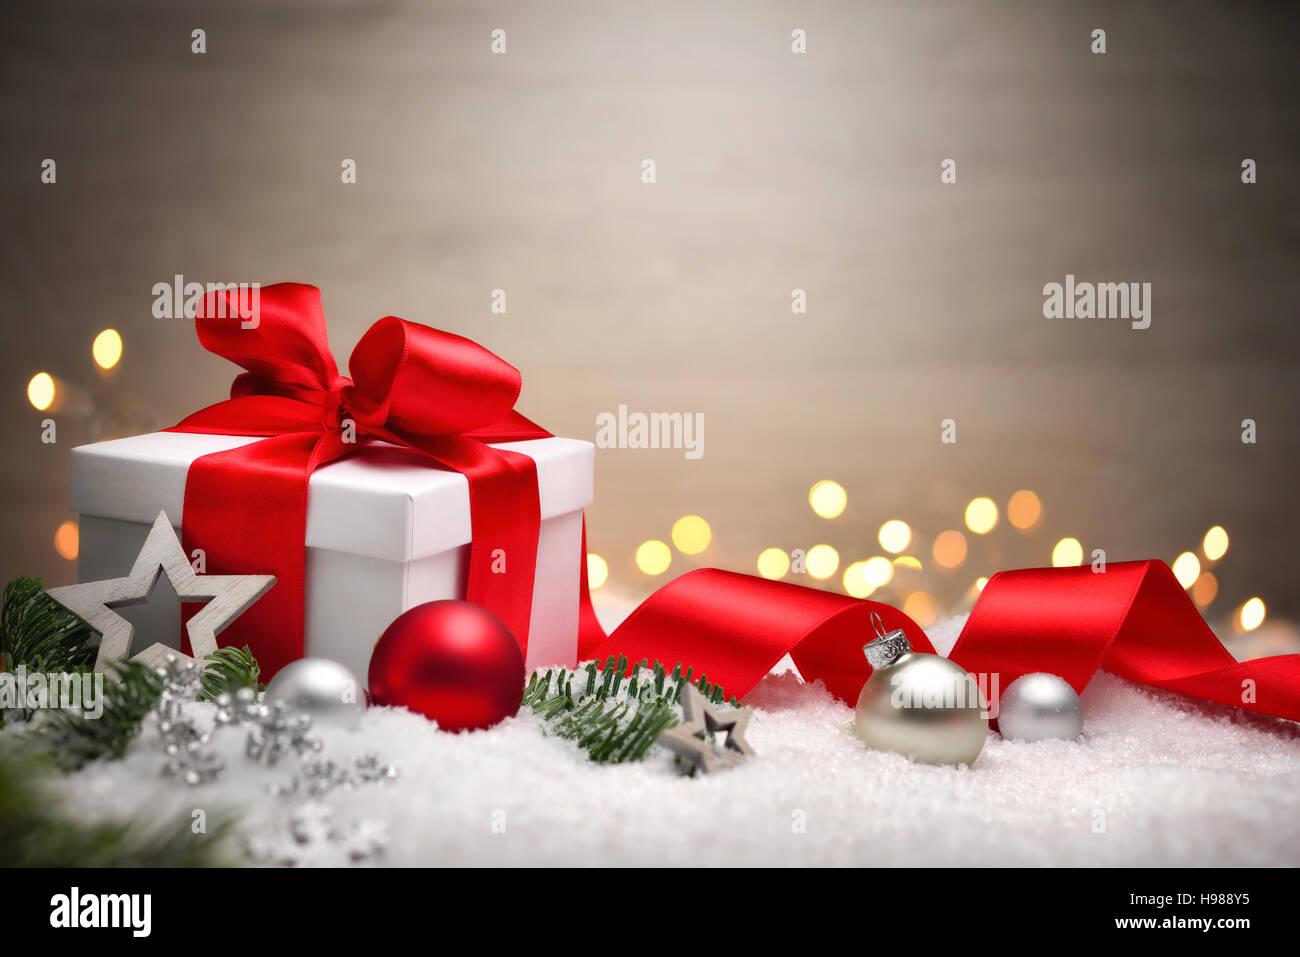 Weihnachtsszene mit einem weißen Geschenk Box, rot Bogen und ...